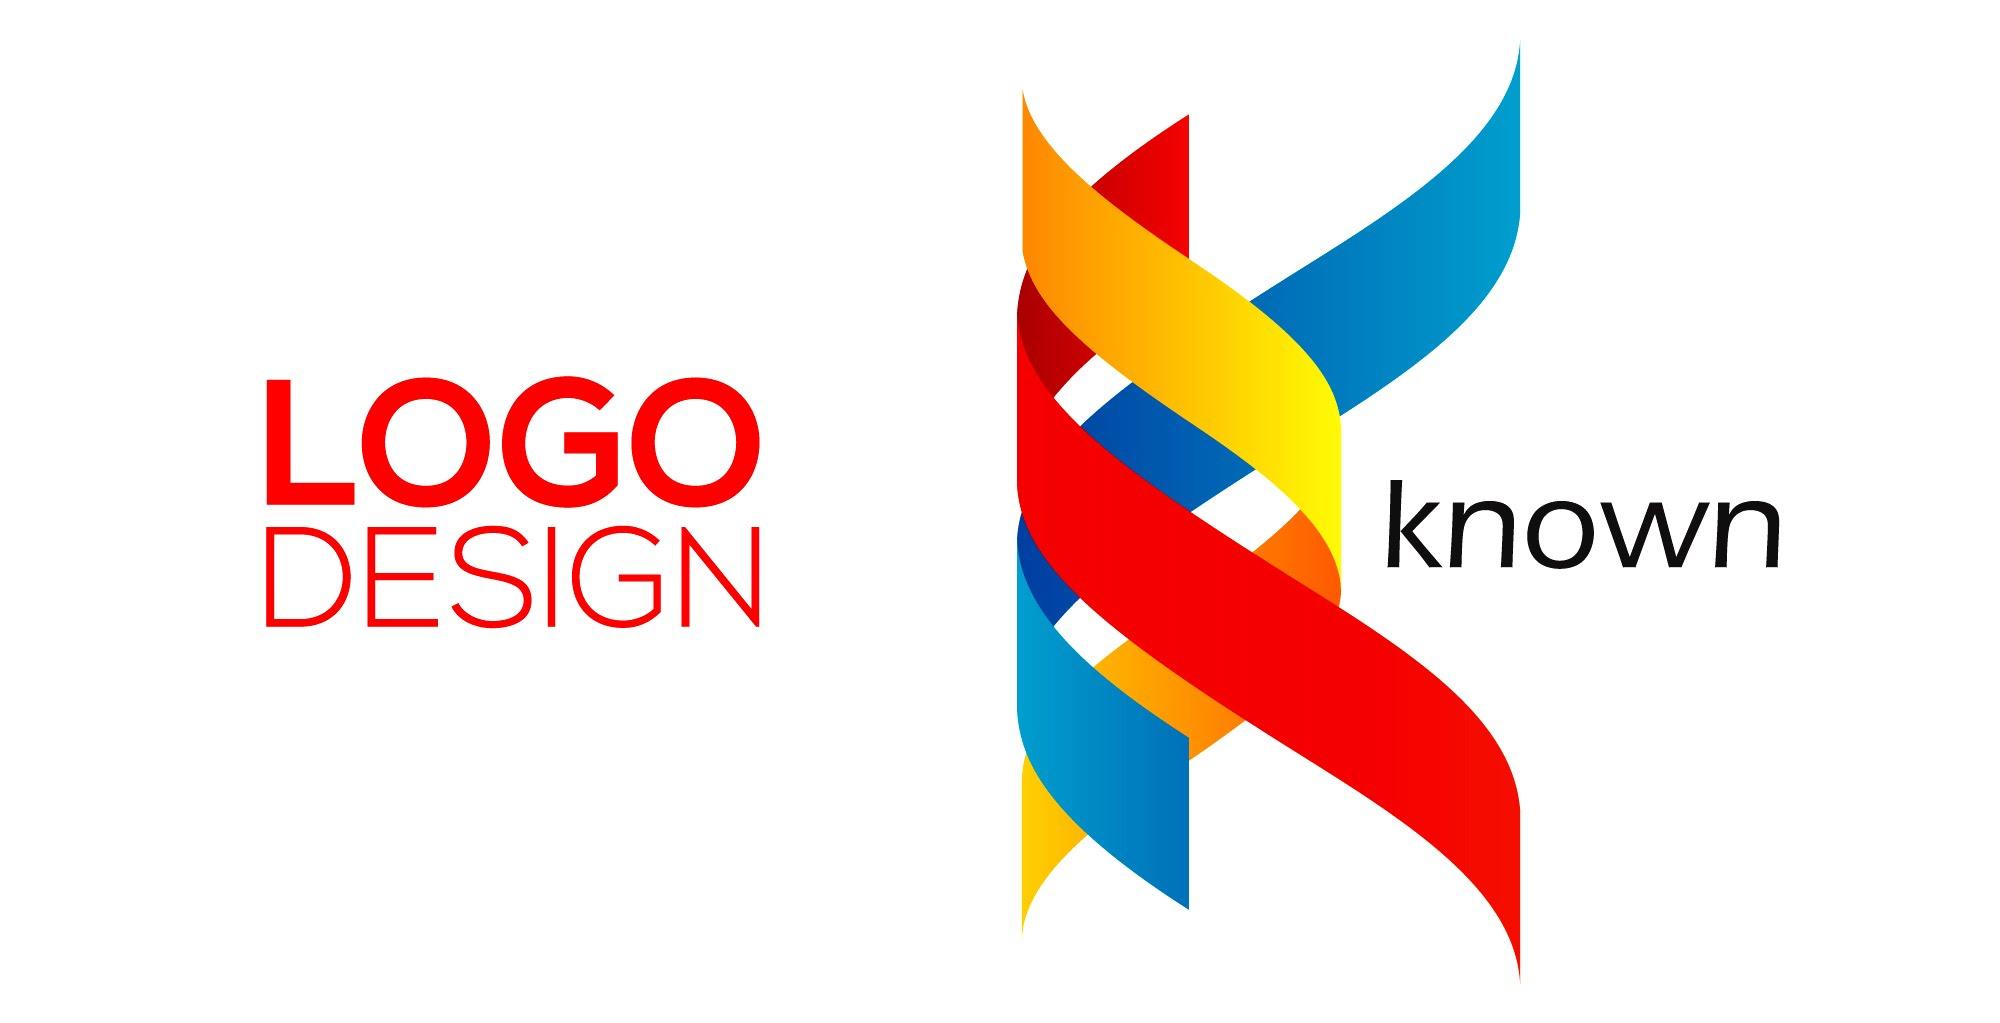 Digital Marketing Agency Hong Kong Graphic Design